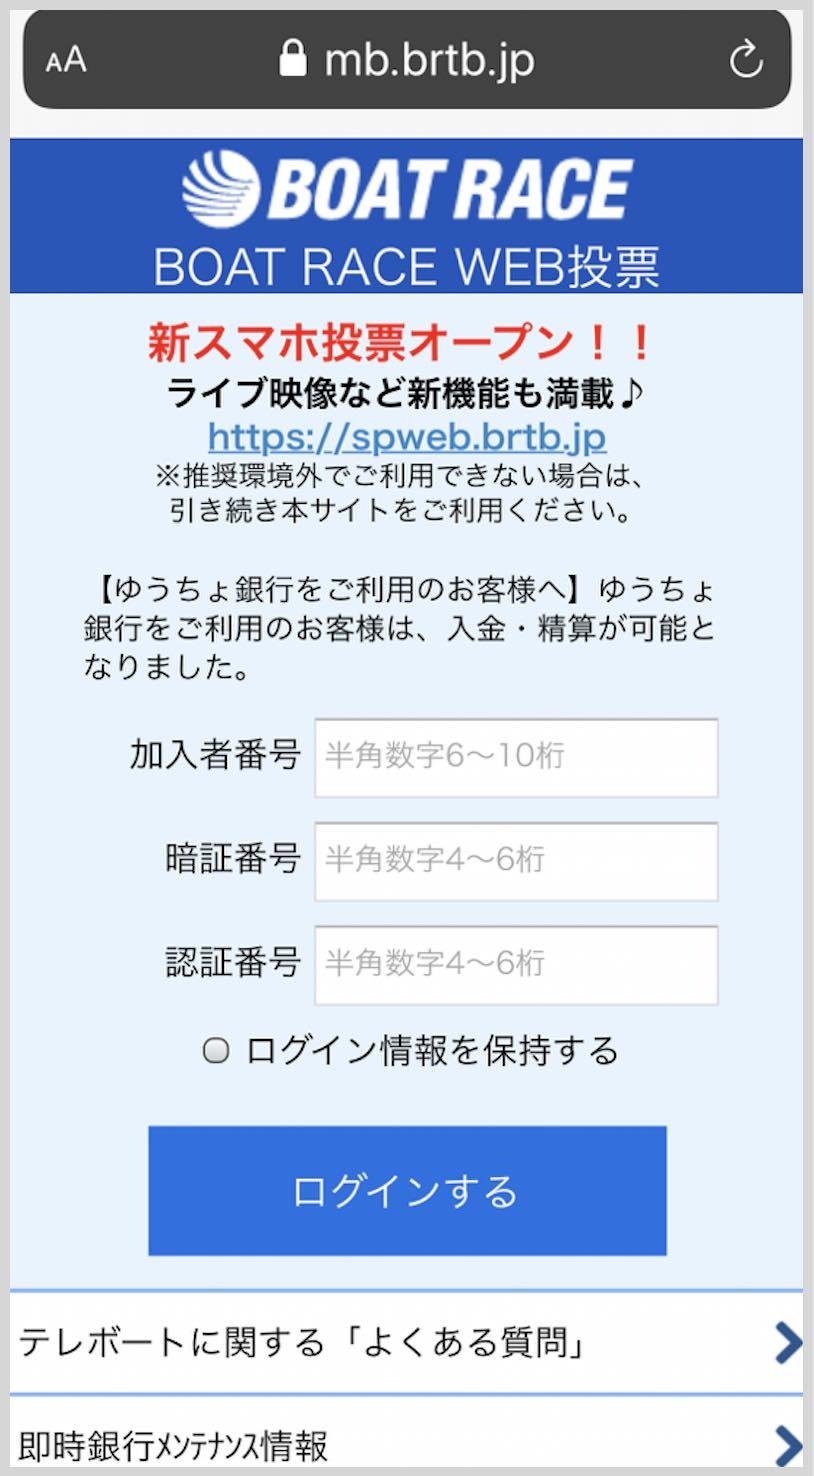 ボート レース 投票 BOAT RACE投票サイト(スマホ・携帯版)